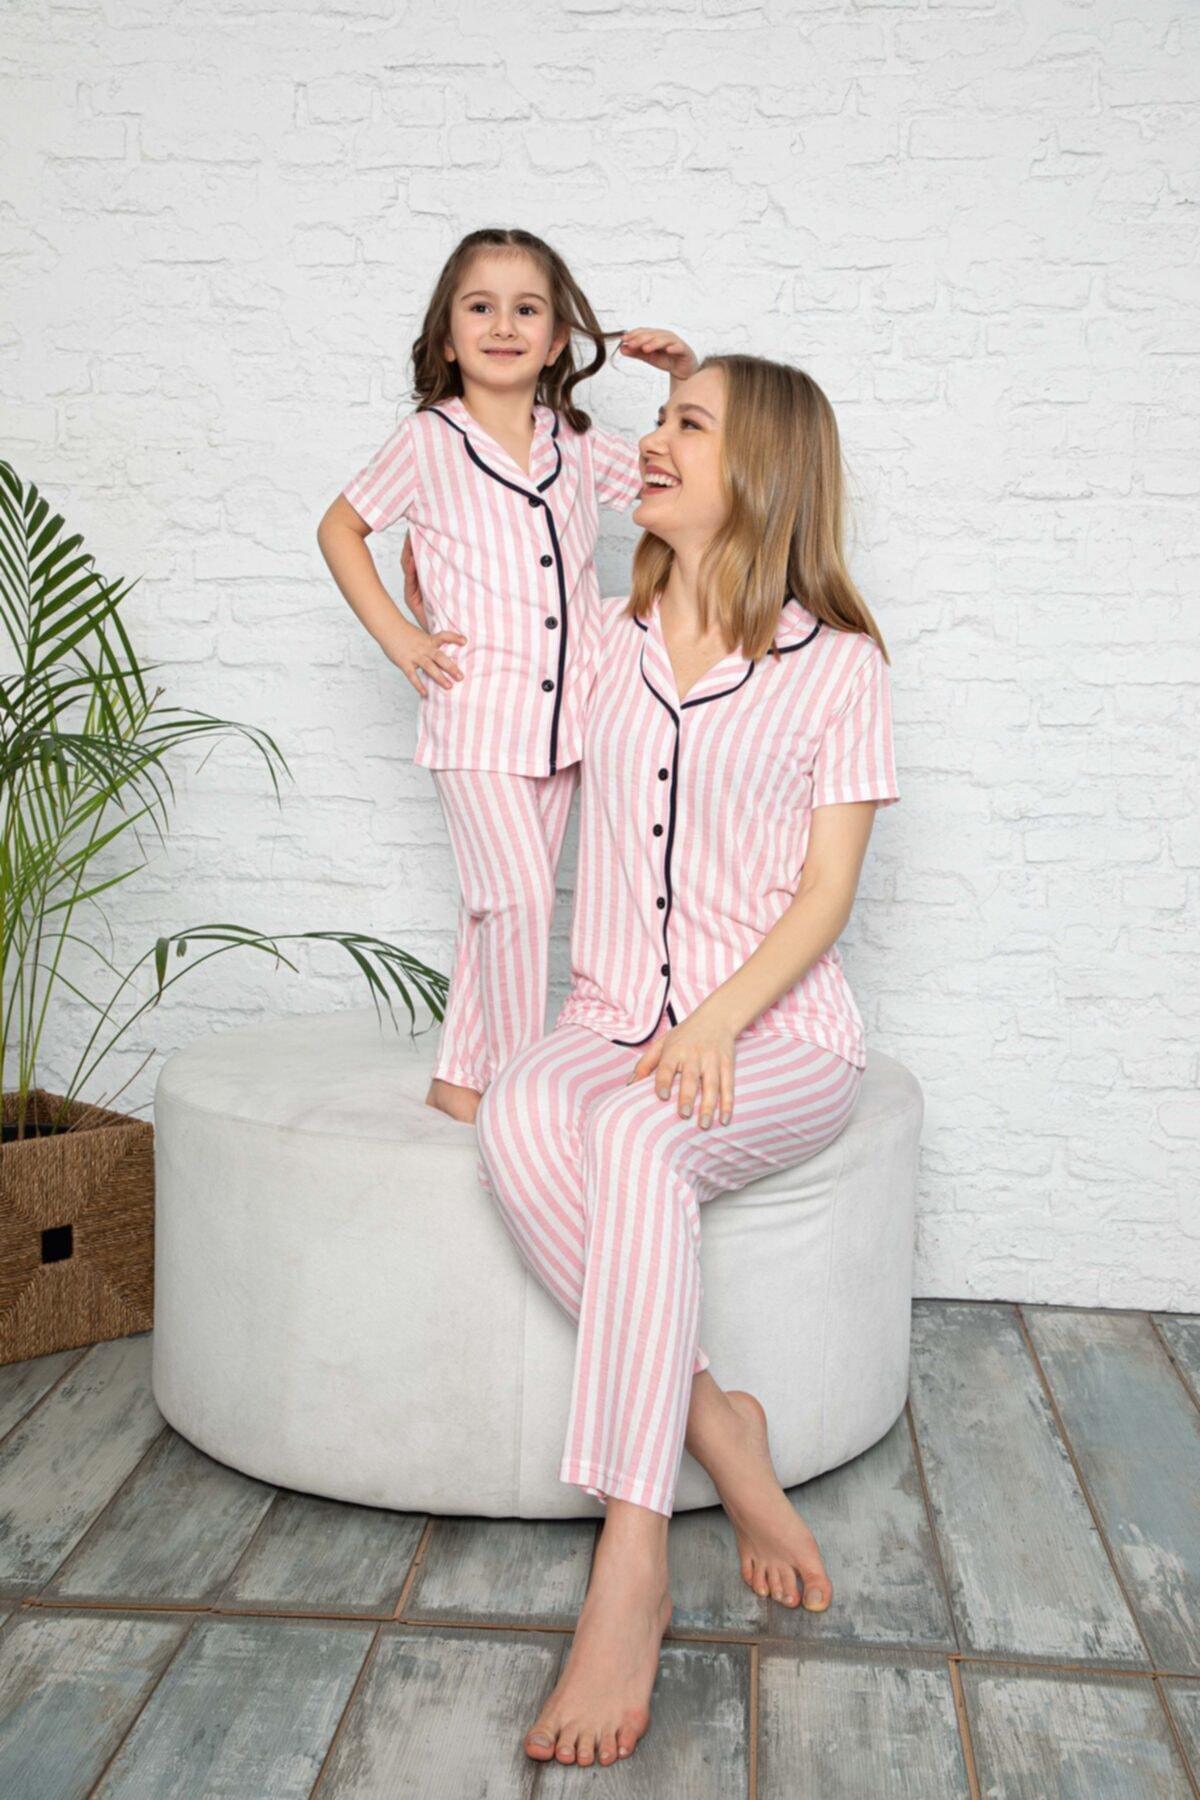 modalizy Anne Kız Pembe Çizgili Desen Pijama Kombinleri 1